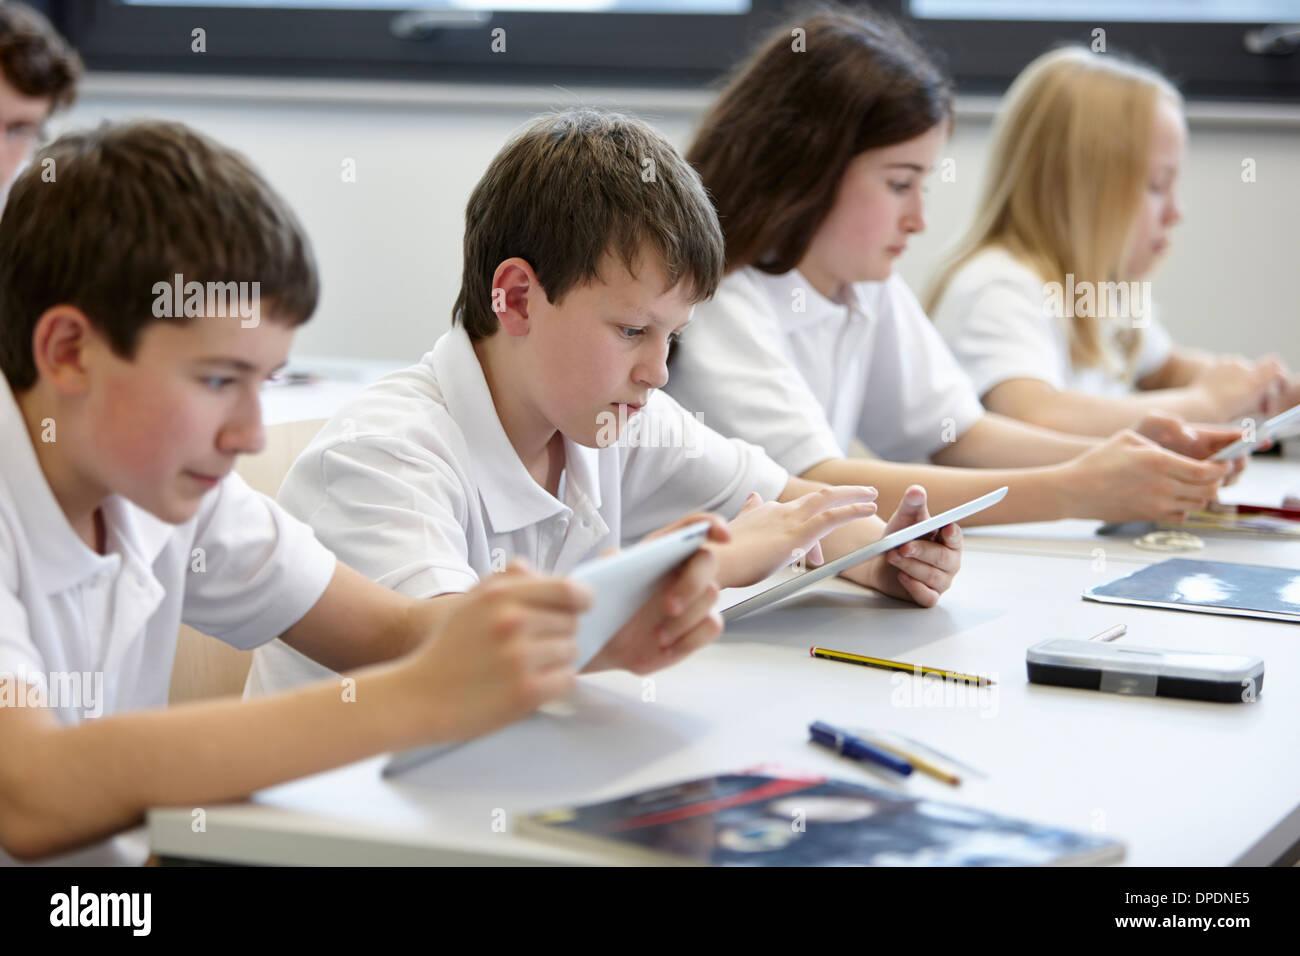 Zeile der Schülerinnen und Schüler arbeiten in der Klasse Stockbild